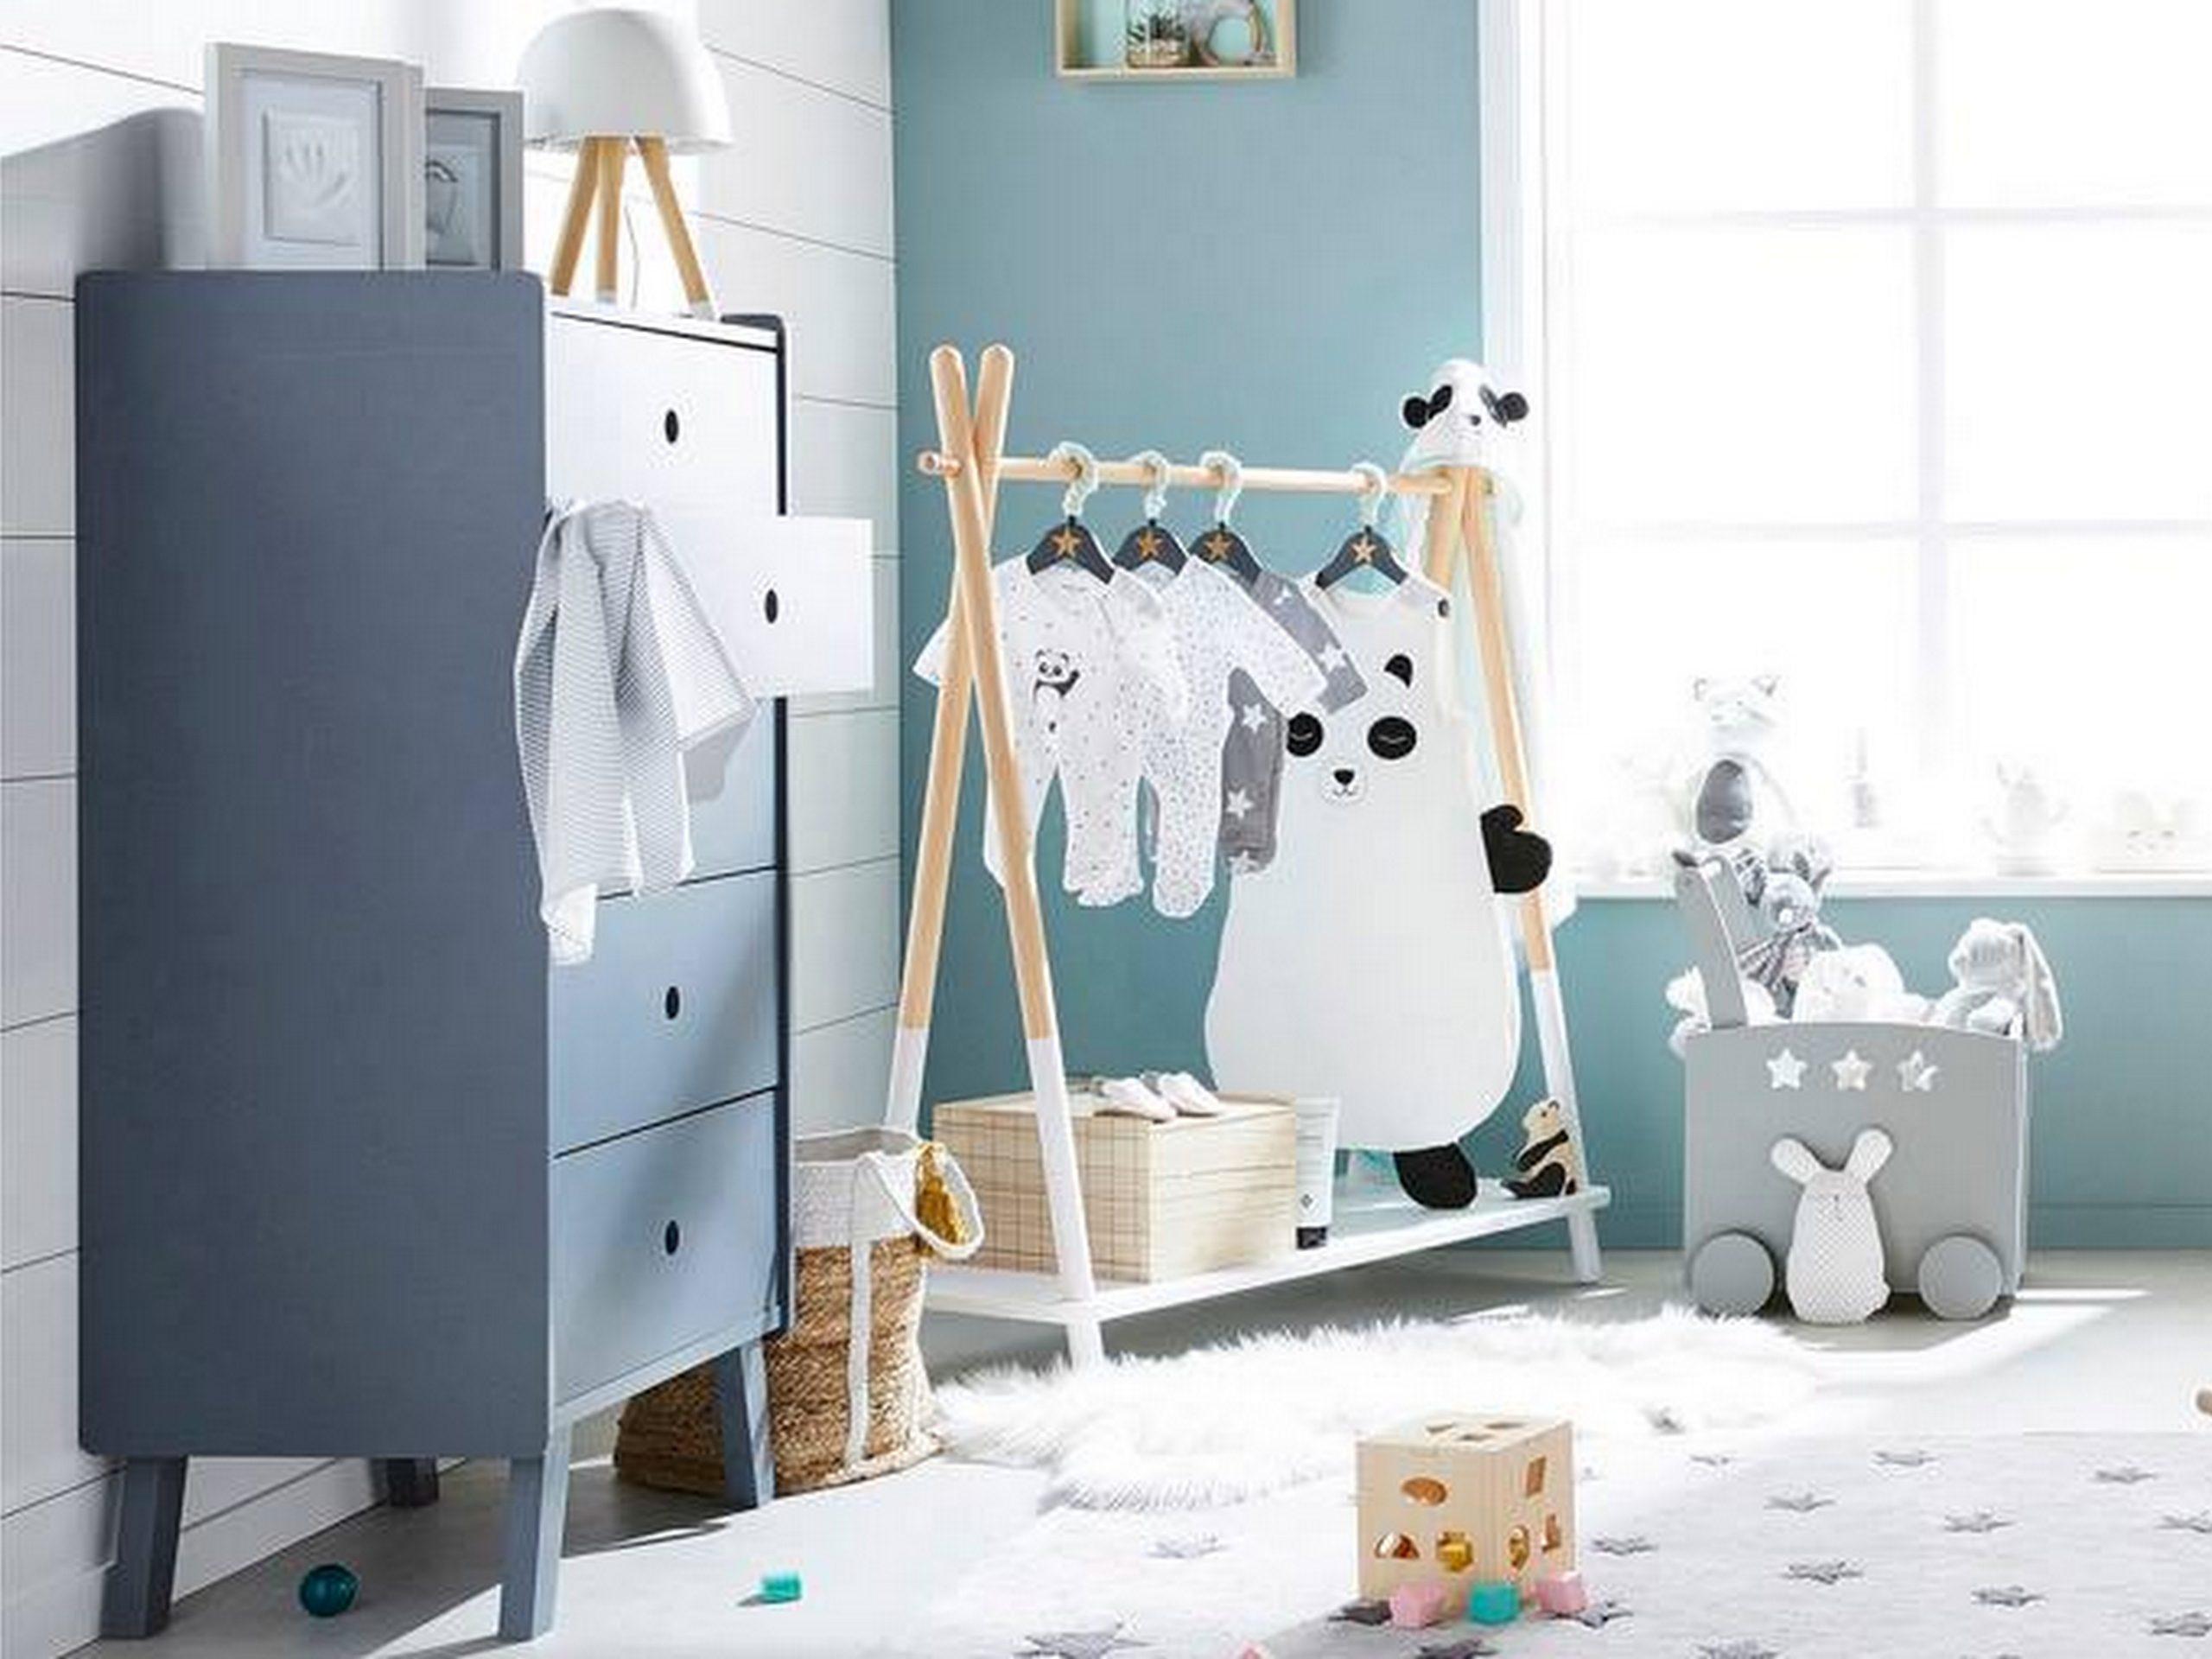 Meuble rangement enfant : les essentiels de la chambre - Joli Place